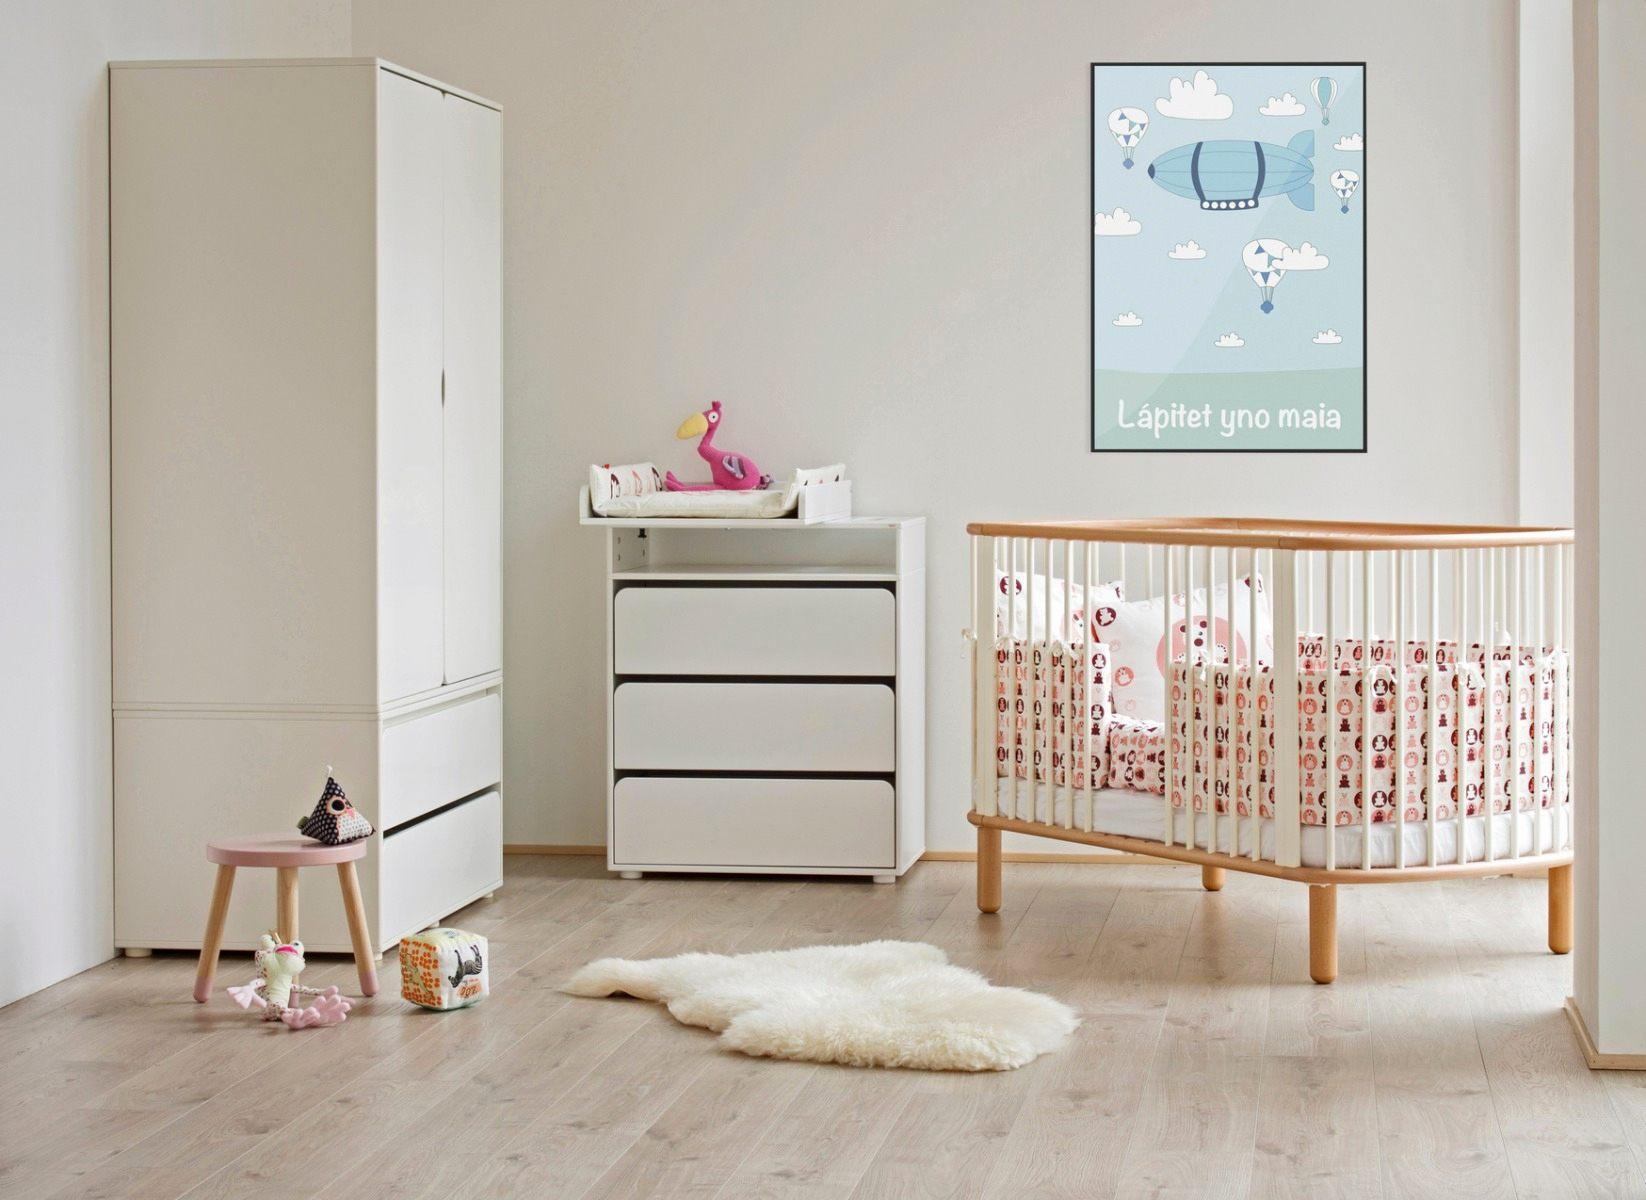 Baignoire Bébé Ikea New Leclerc Chambre Bébé Beau Galerie Article